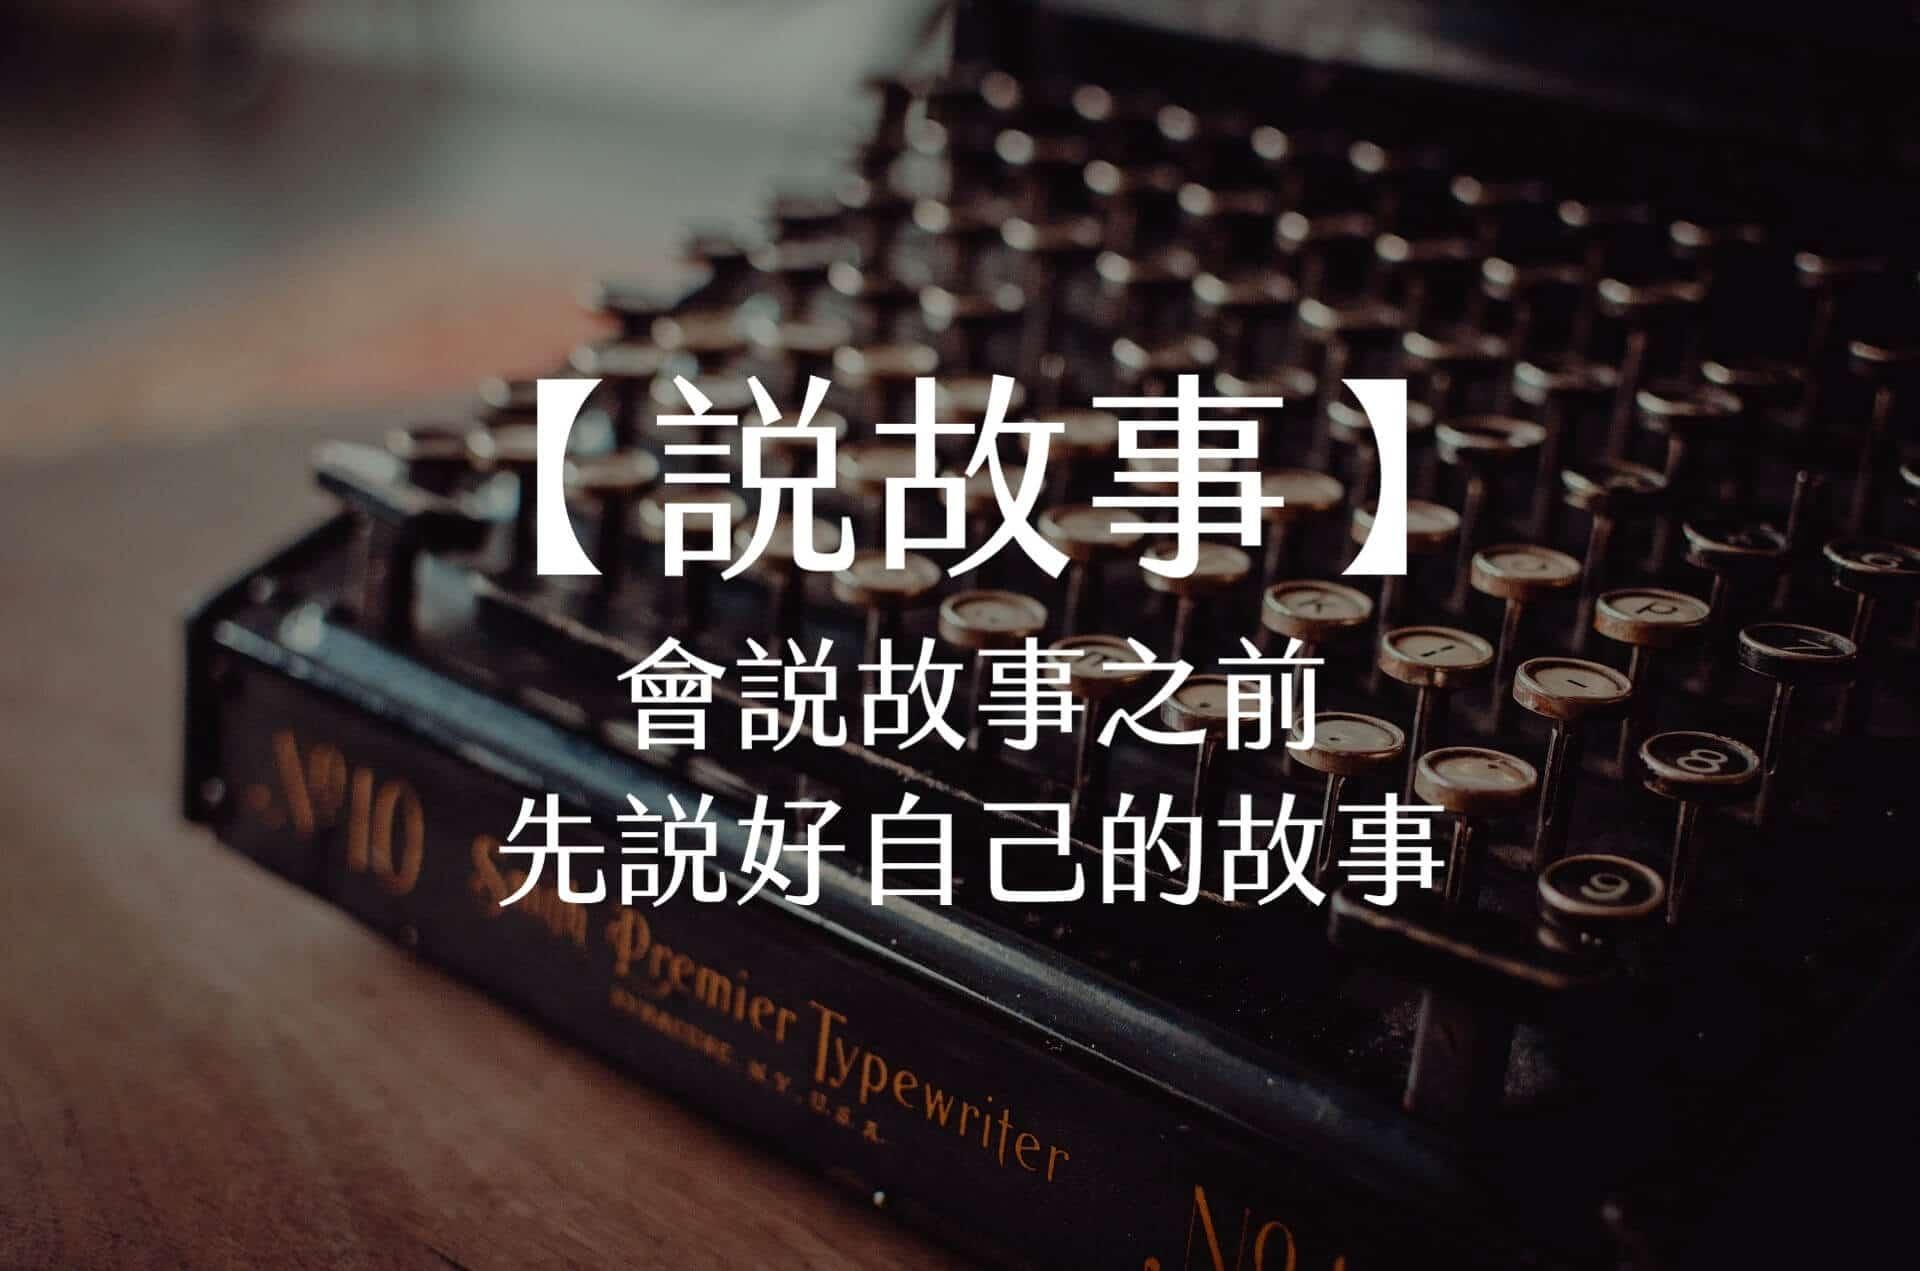 【嘉鴻筆記】說故事:會說故事之前先說好自己的故事 1